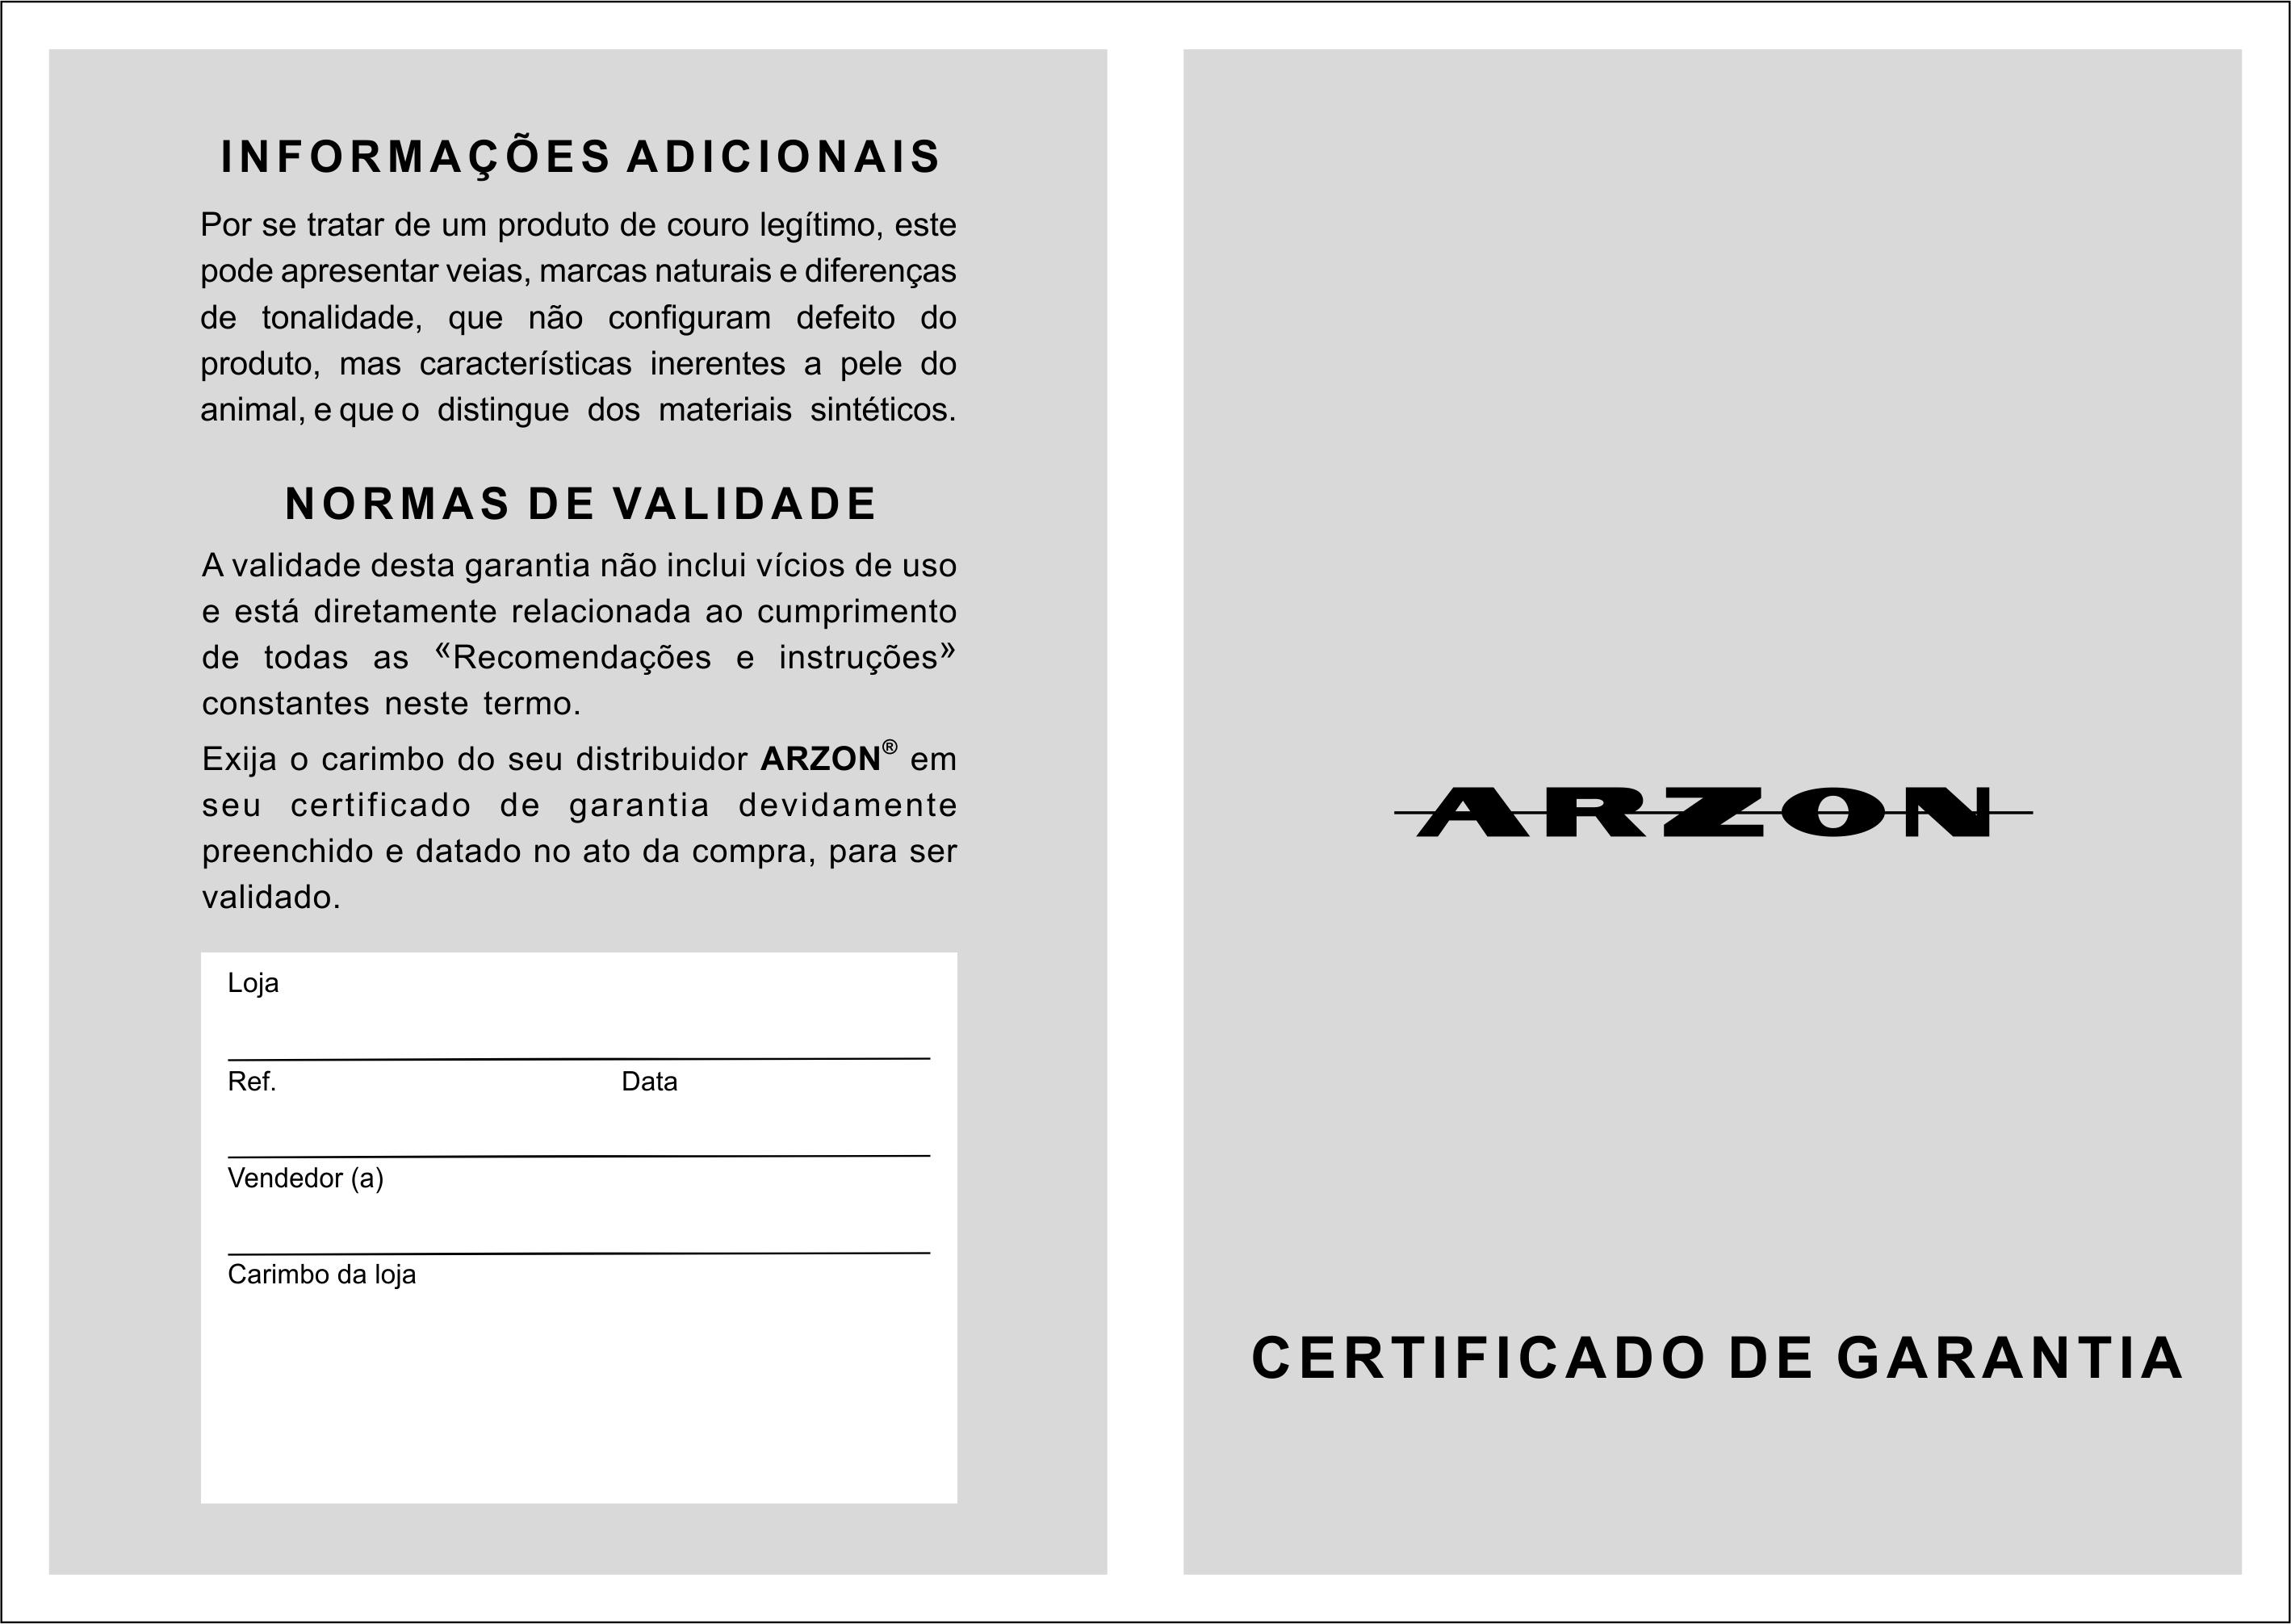 Certificado de garantia da bolsa de couro Arzon